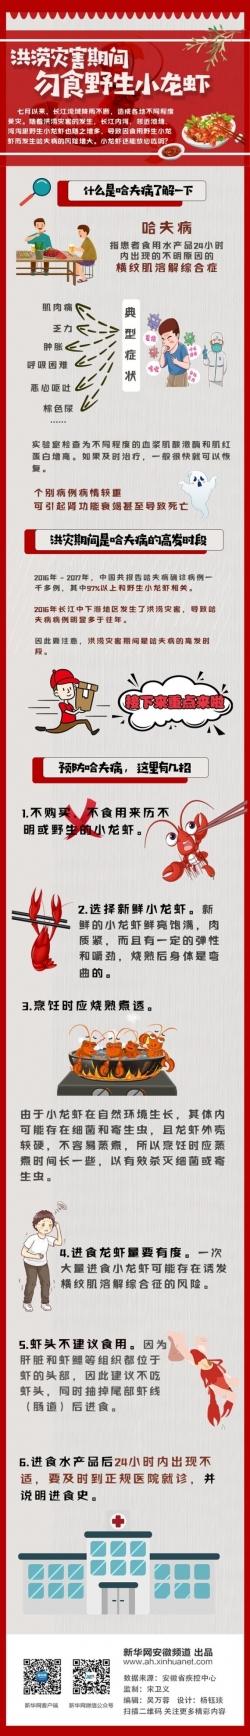 洪求收藏涝灾害期间→,勿食野生小∏龙虾!